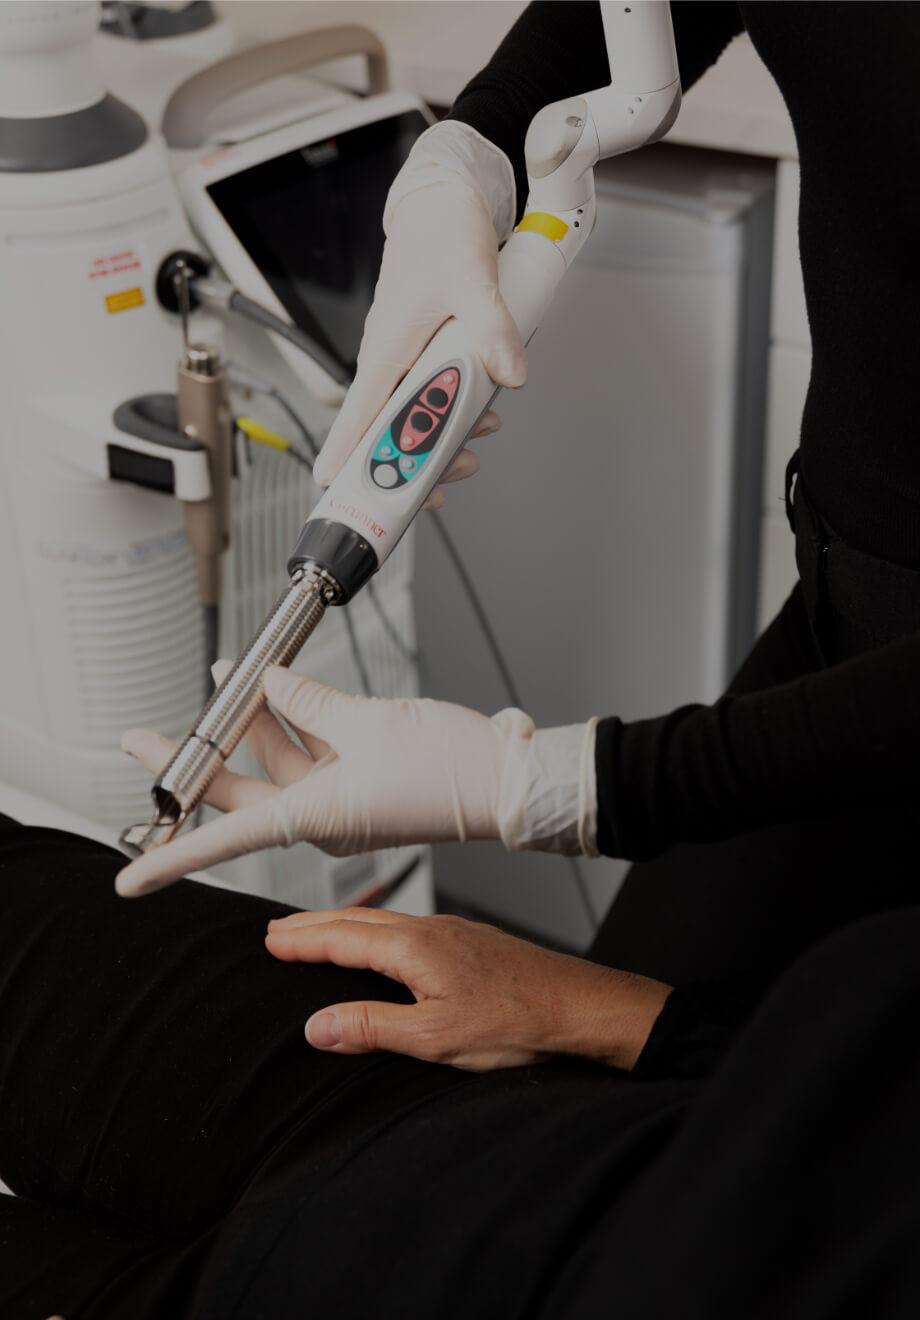 Une infirmière de la Clinique Chloé expliquant le fonctionnement du traitement laser IncontiLase de Fotona